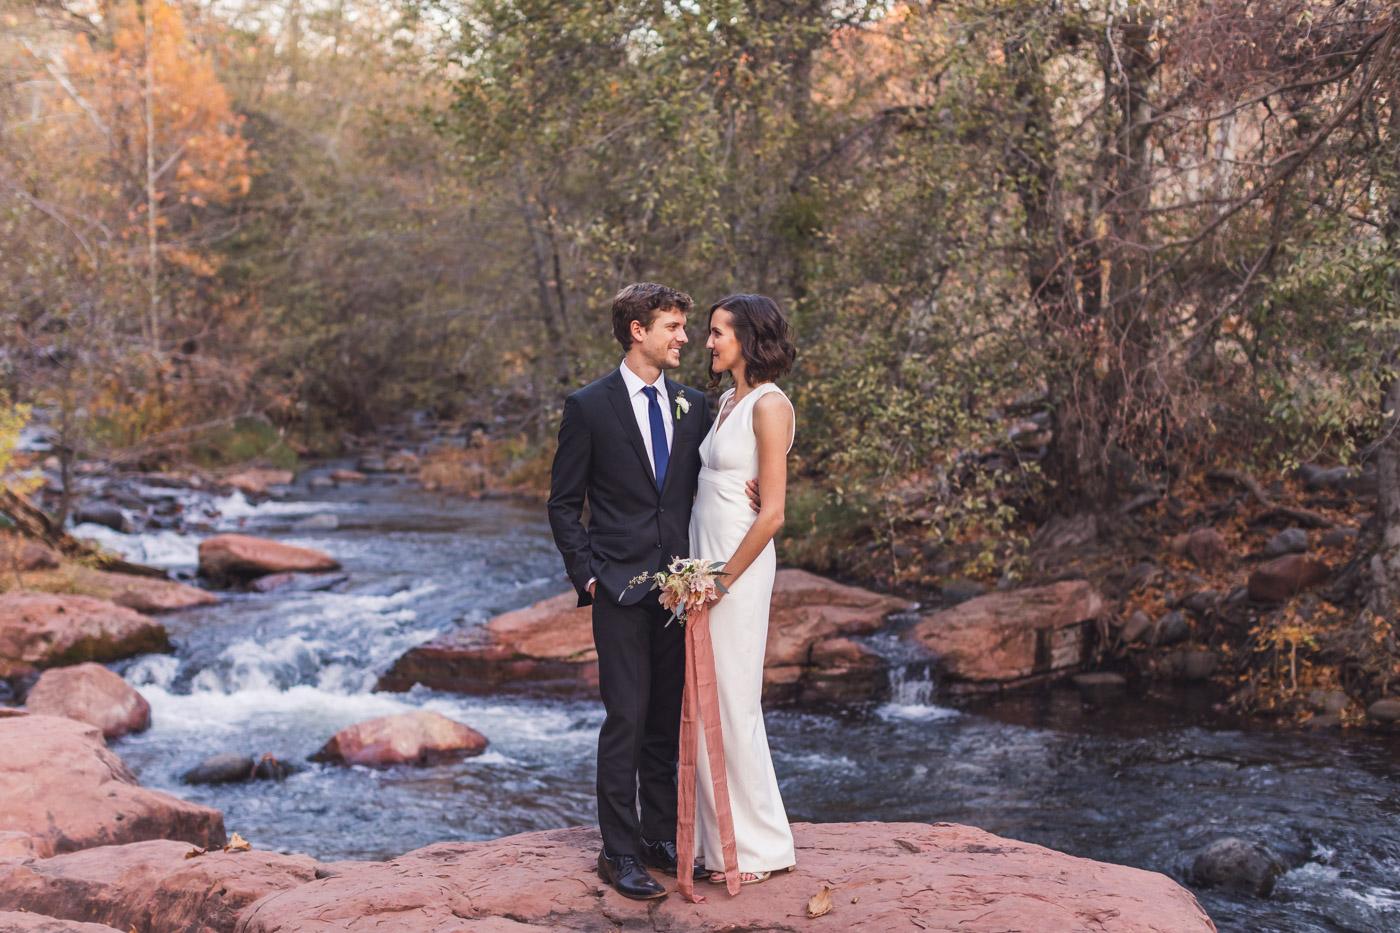 aaron-kes-photography-sedona-intimate-wedding-elopement-2